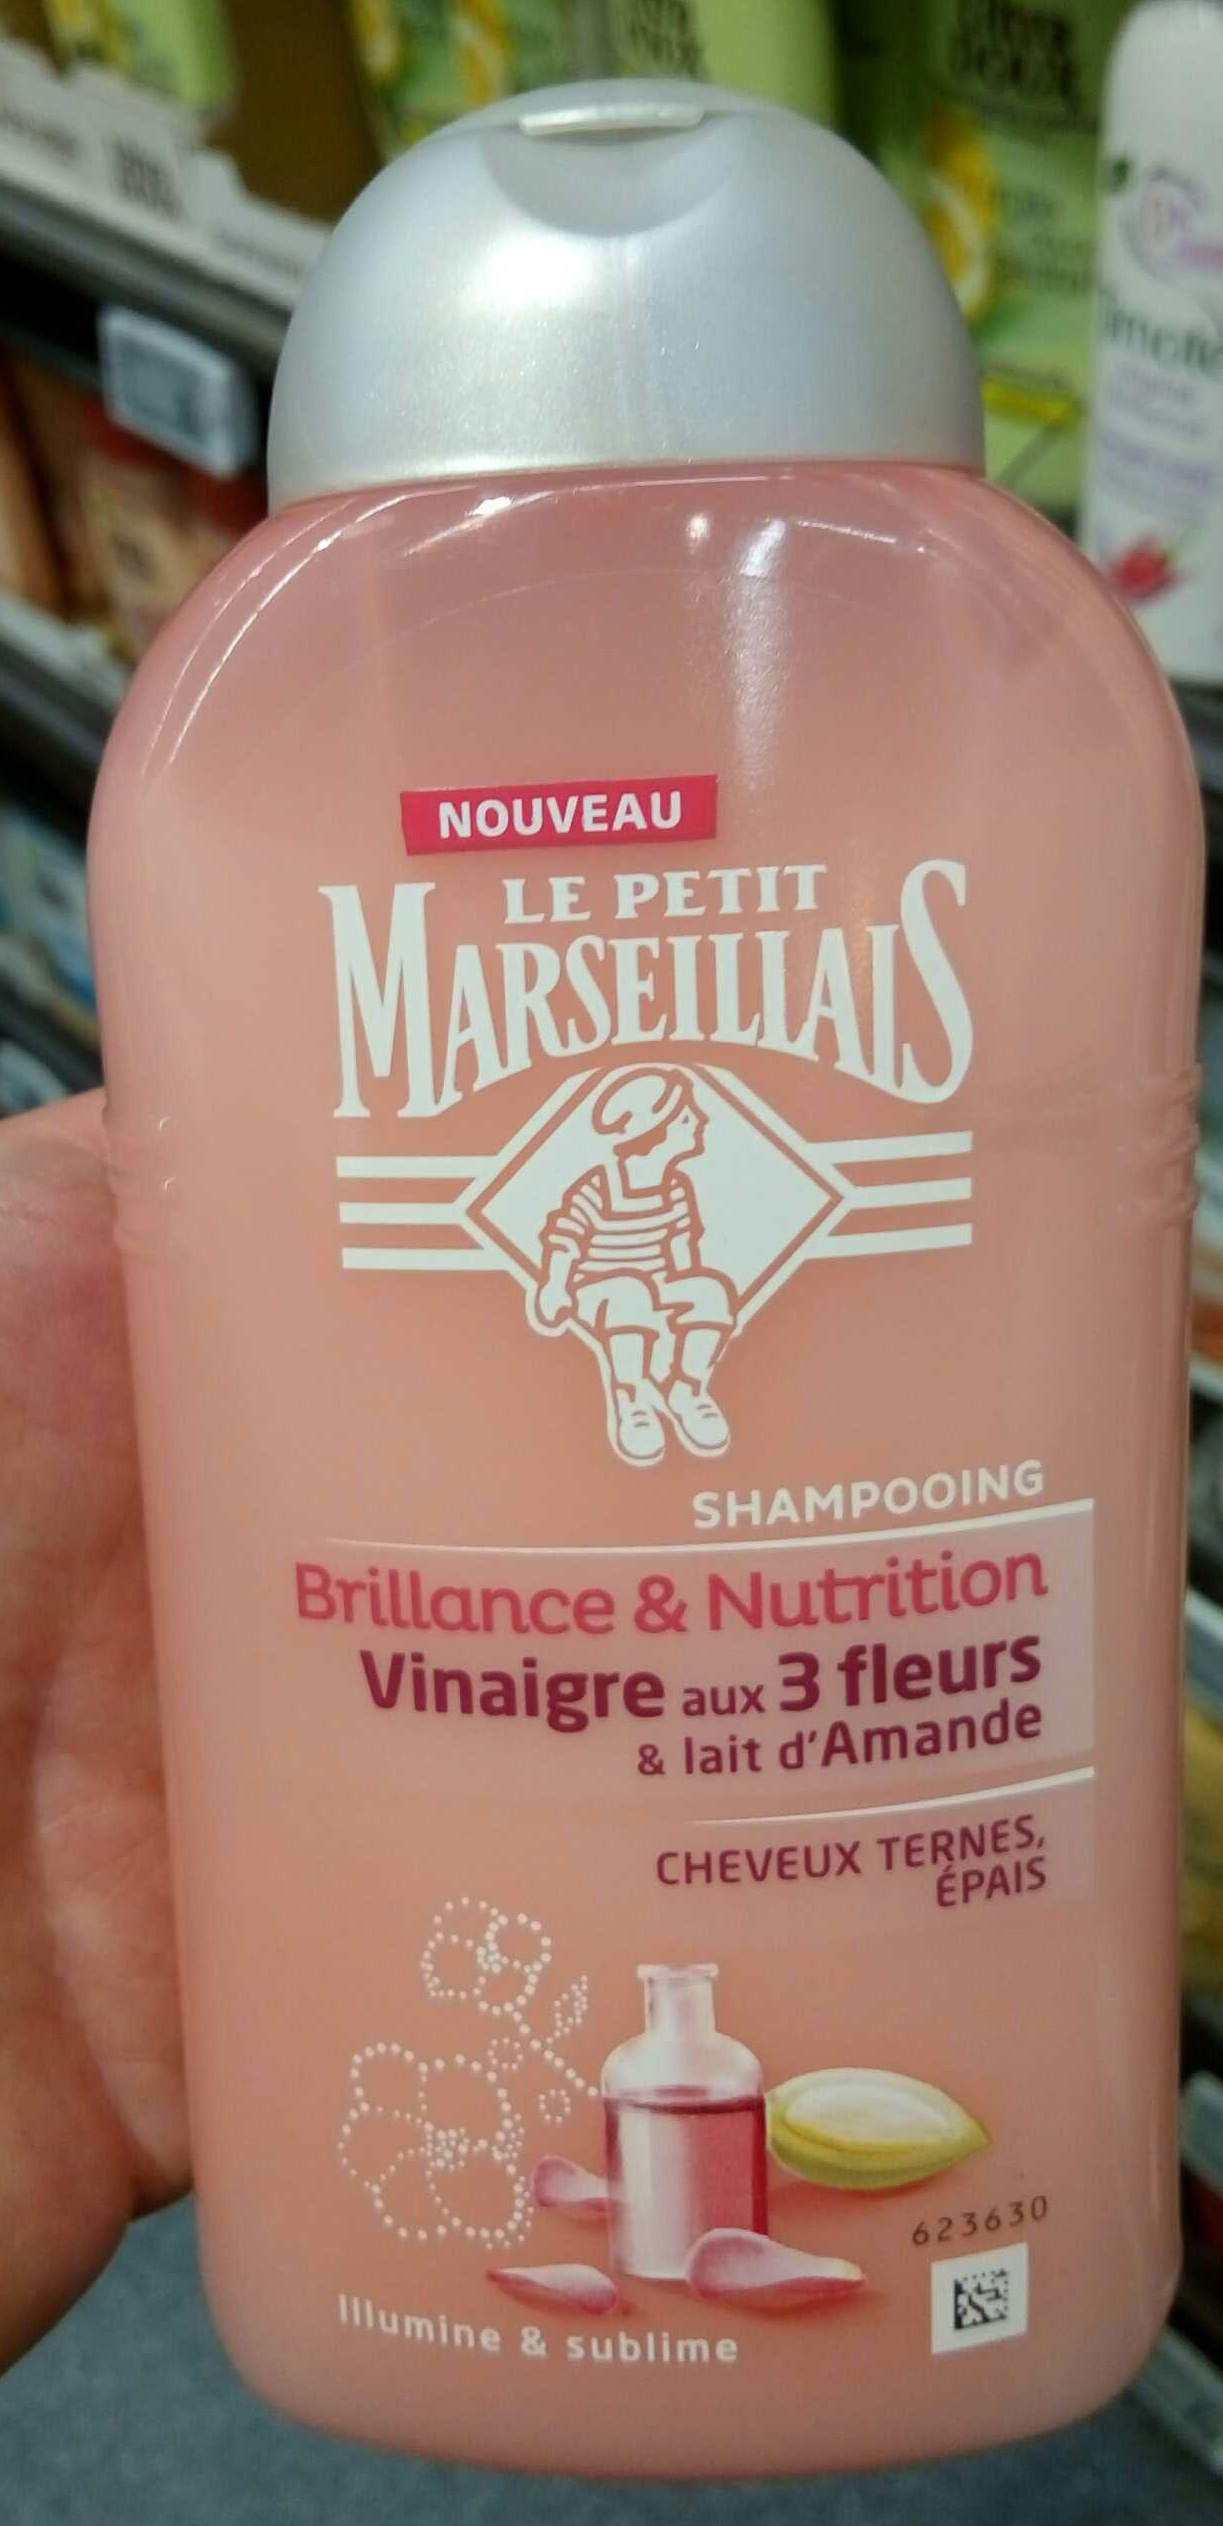 Shampooing Brillance & Nutrition Vinaigre aux 3 fleurs et lait d'Amande - Produit